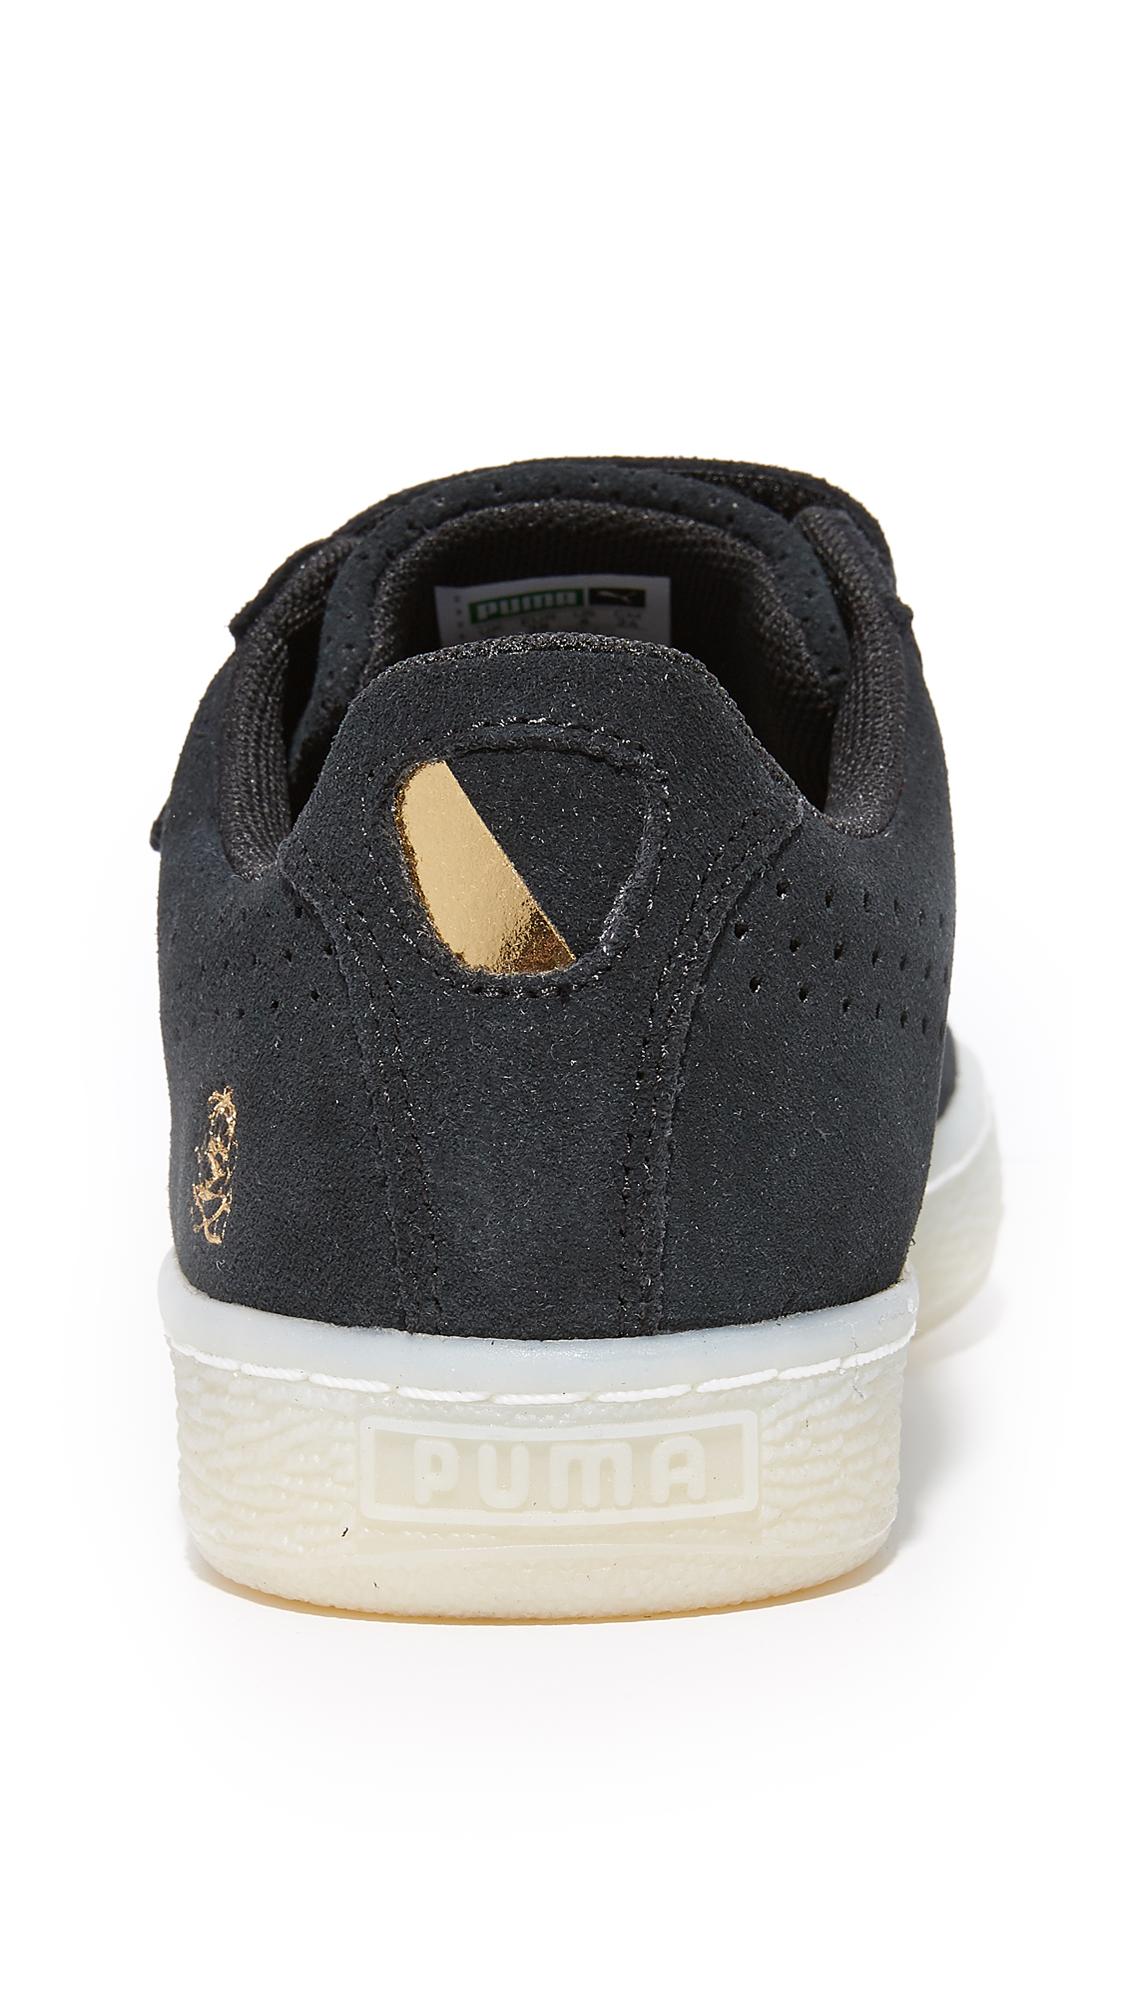 Puma Basket Velcro X SneakersShopbop Careaux 1c5FK3uTlJ